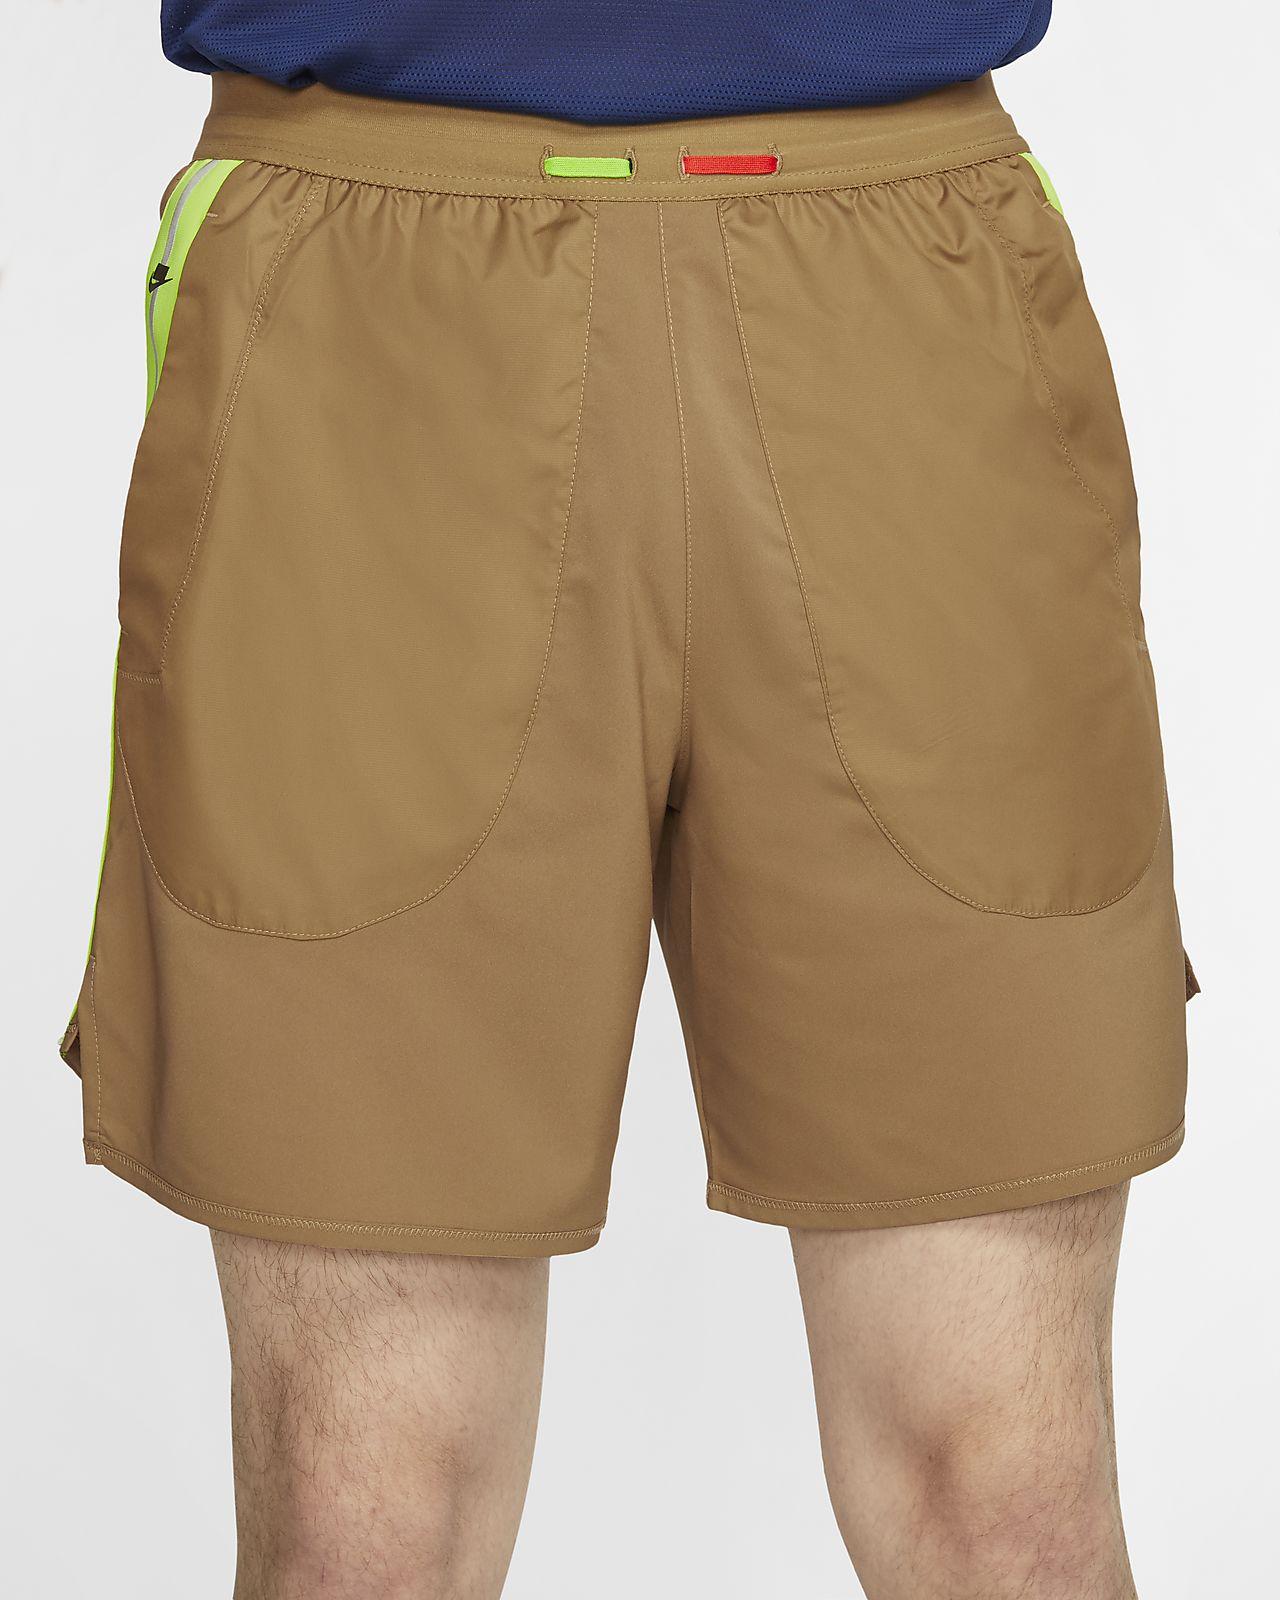 Nike Herren-Laufshorts (ca. 18 cm)